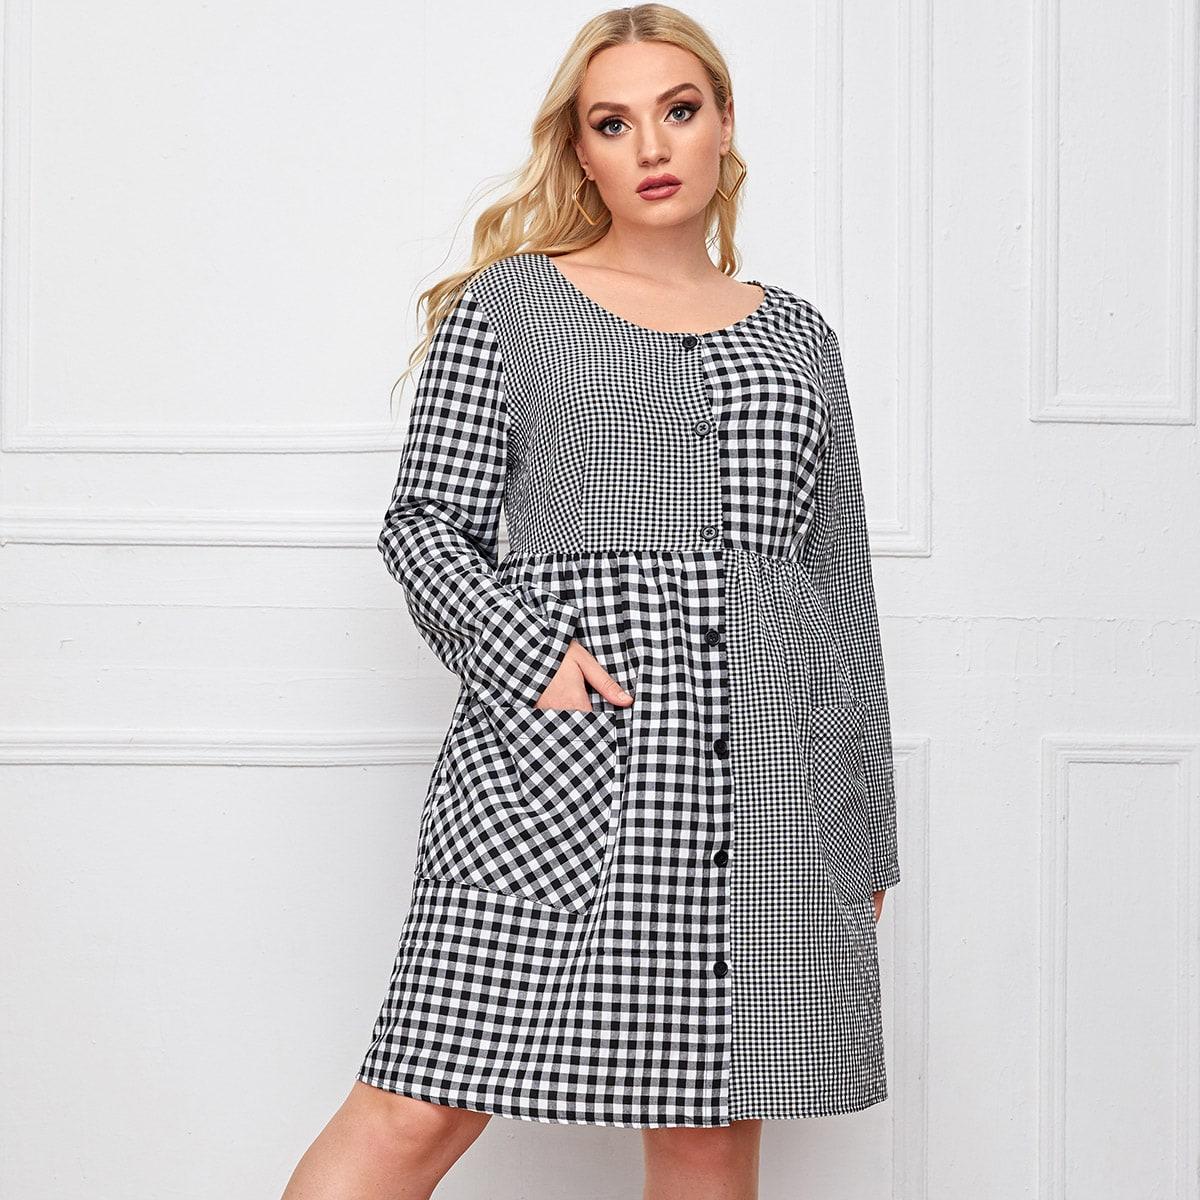 Однобортное контрастное платье размера плюс в клетку с карманом